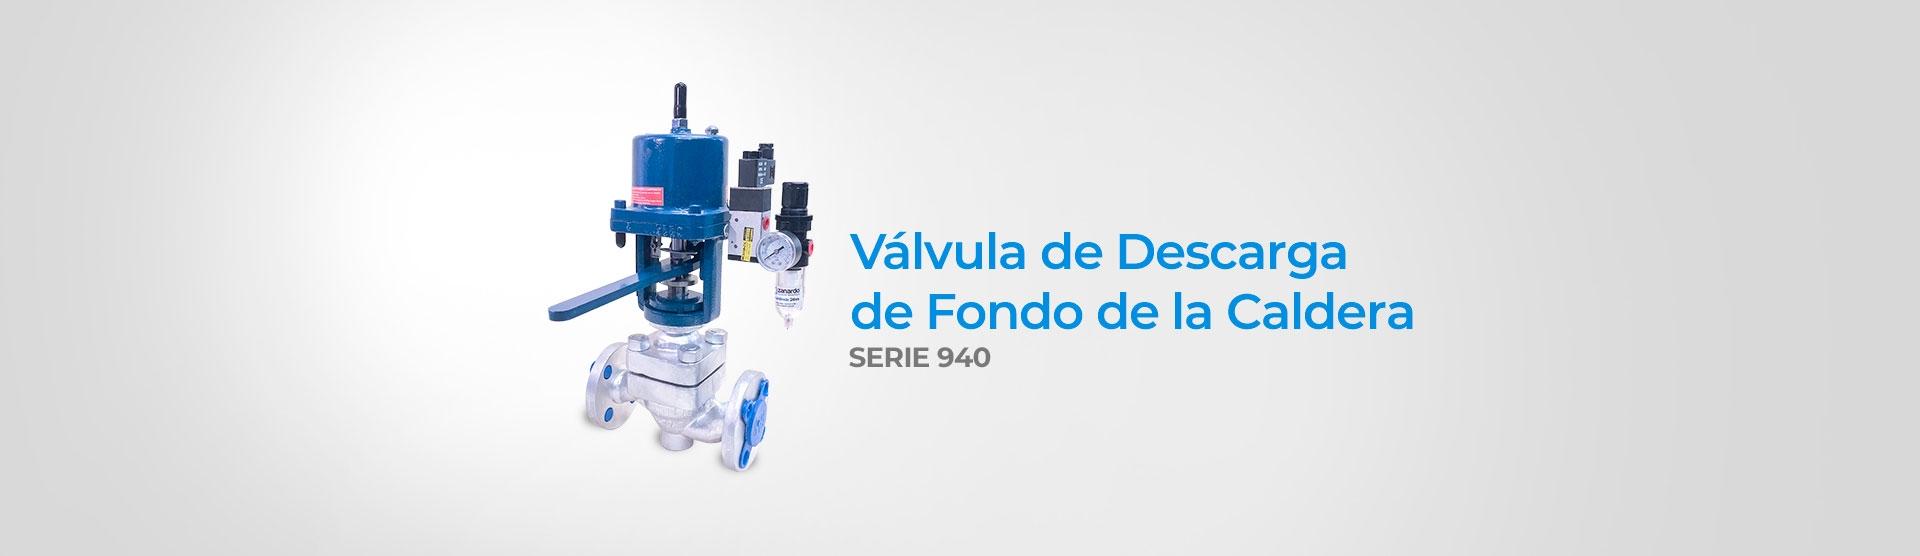 Válvula de Descarga de Fondo de la Caldera (Serie 940)